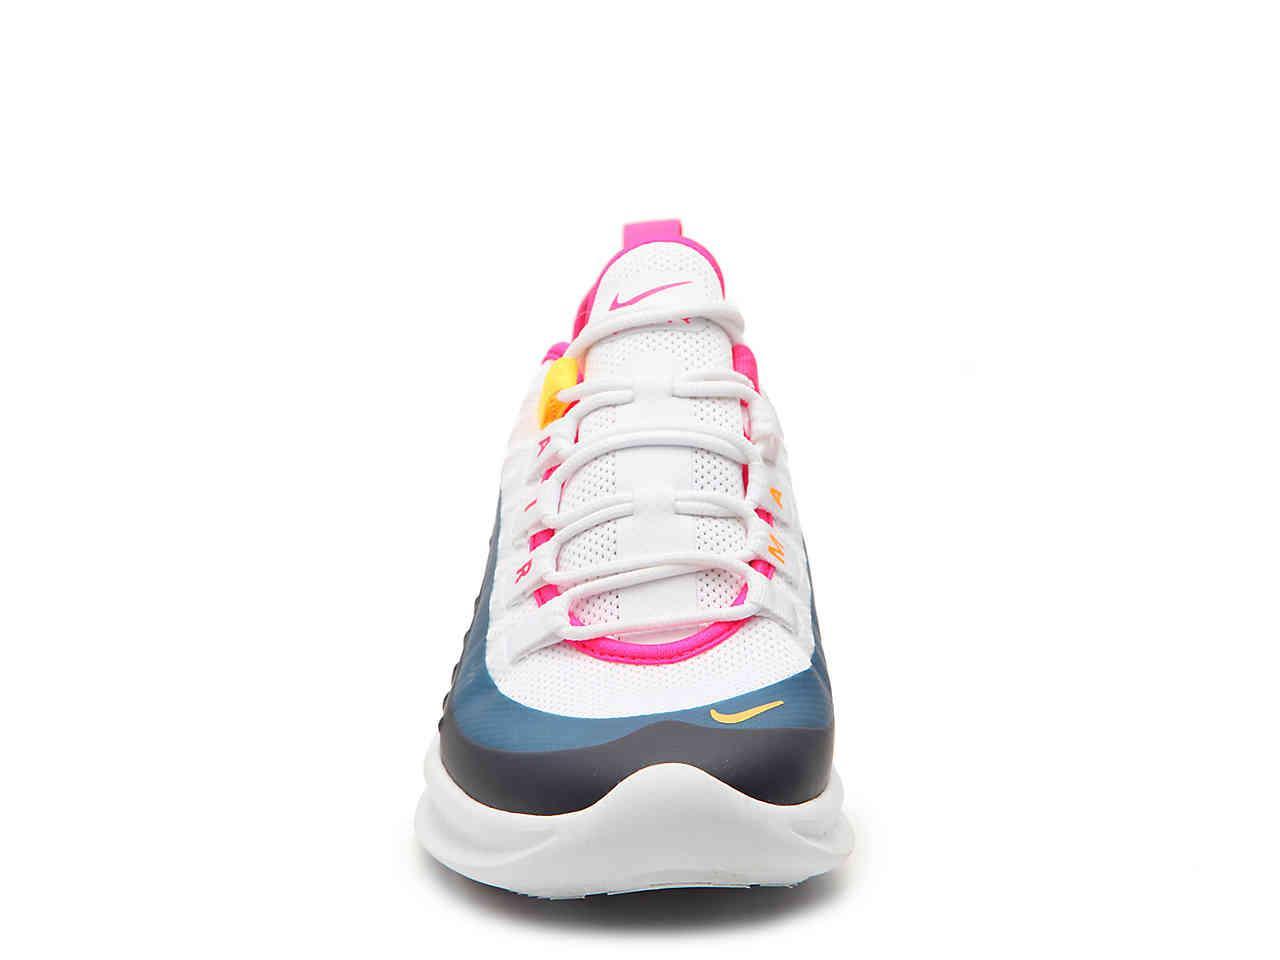 91e979421a Nike - Multicolor Air Max Axis Sneaker - Lyst. View fullscreen